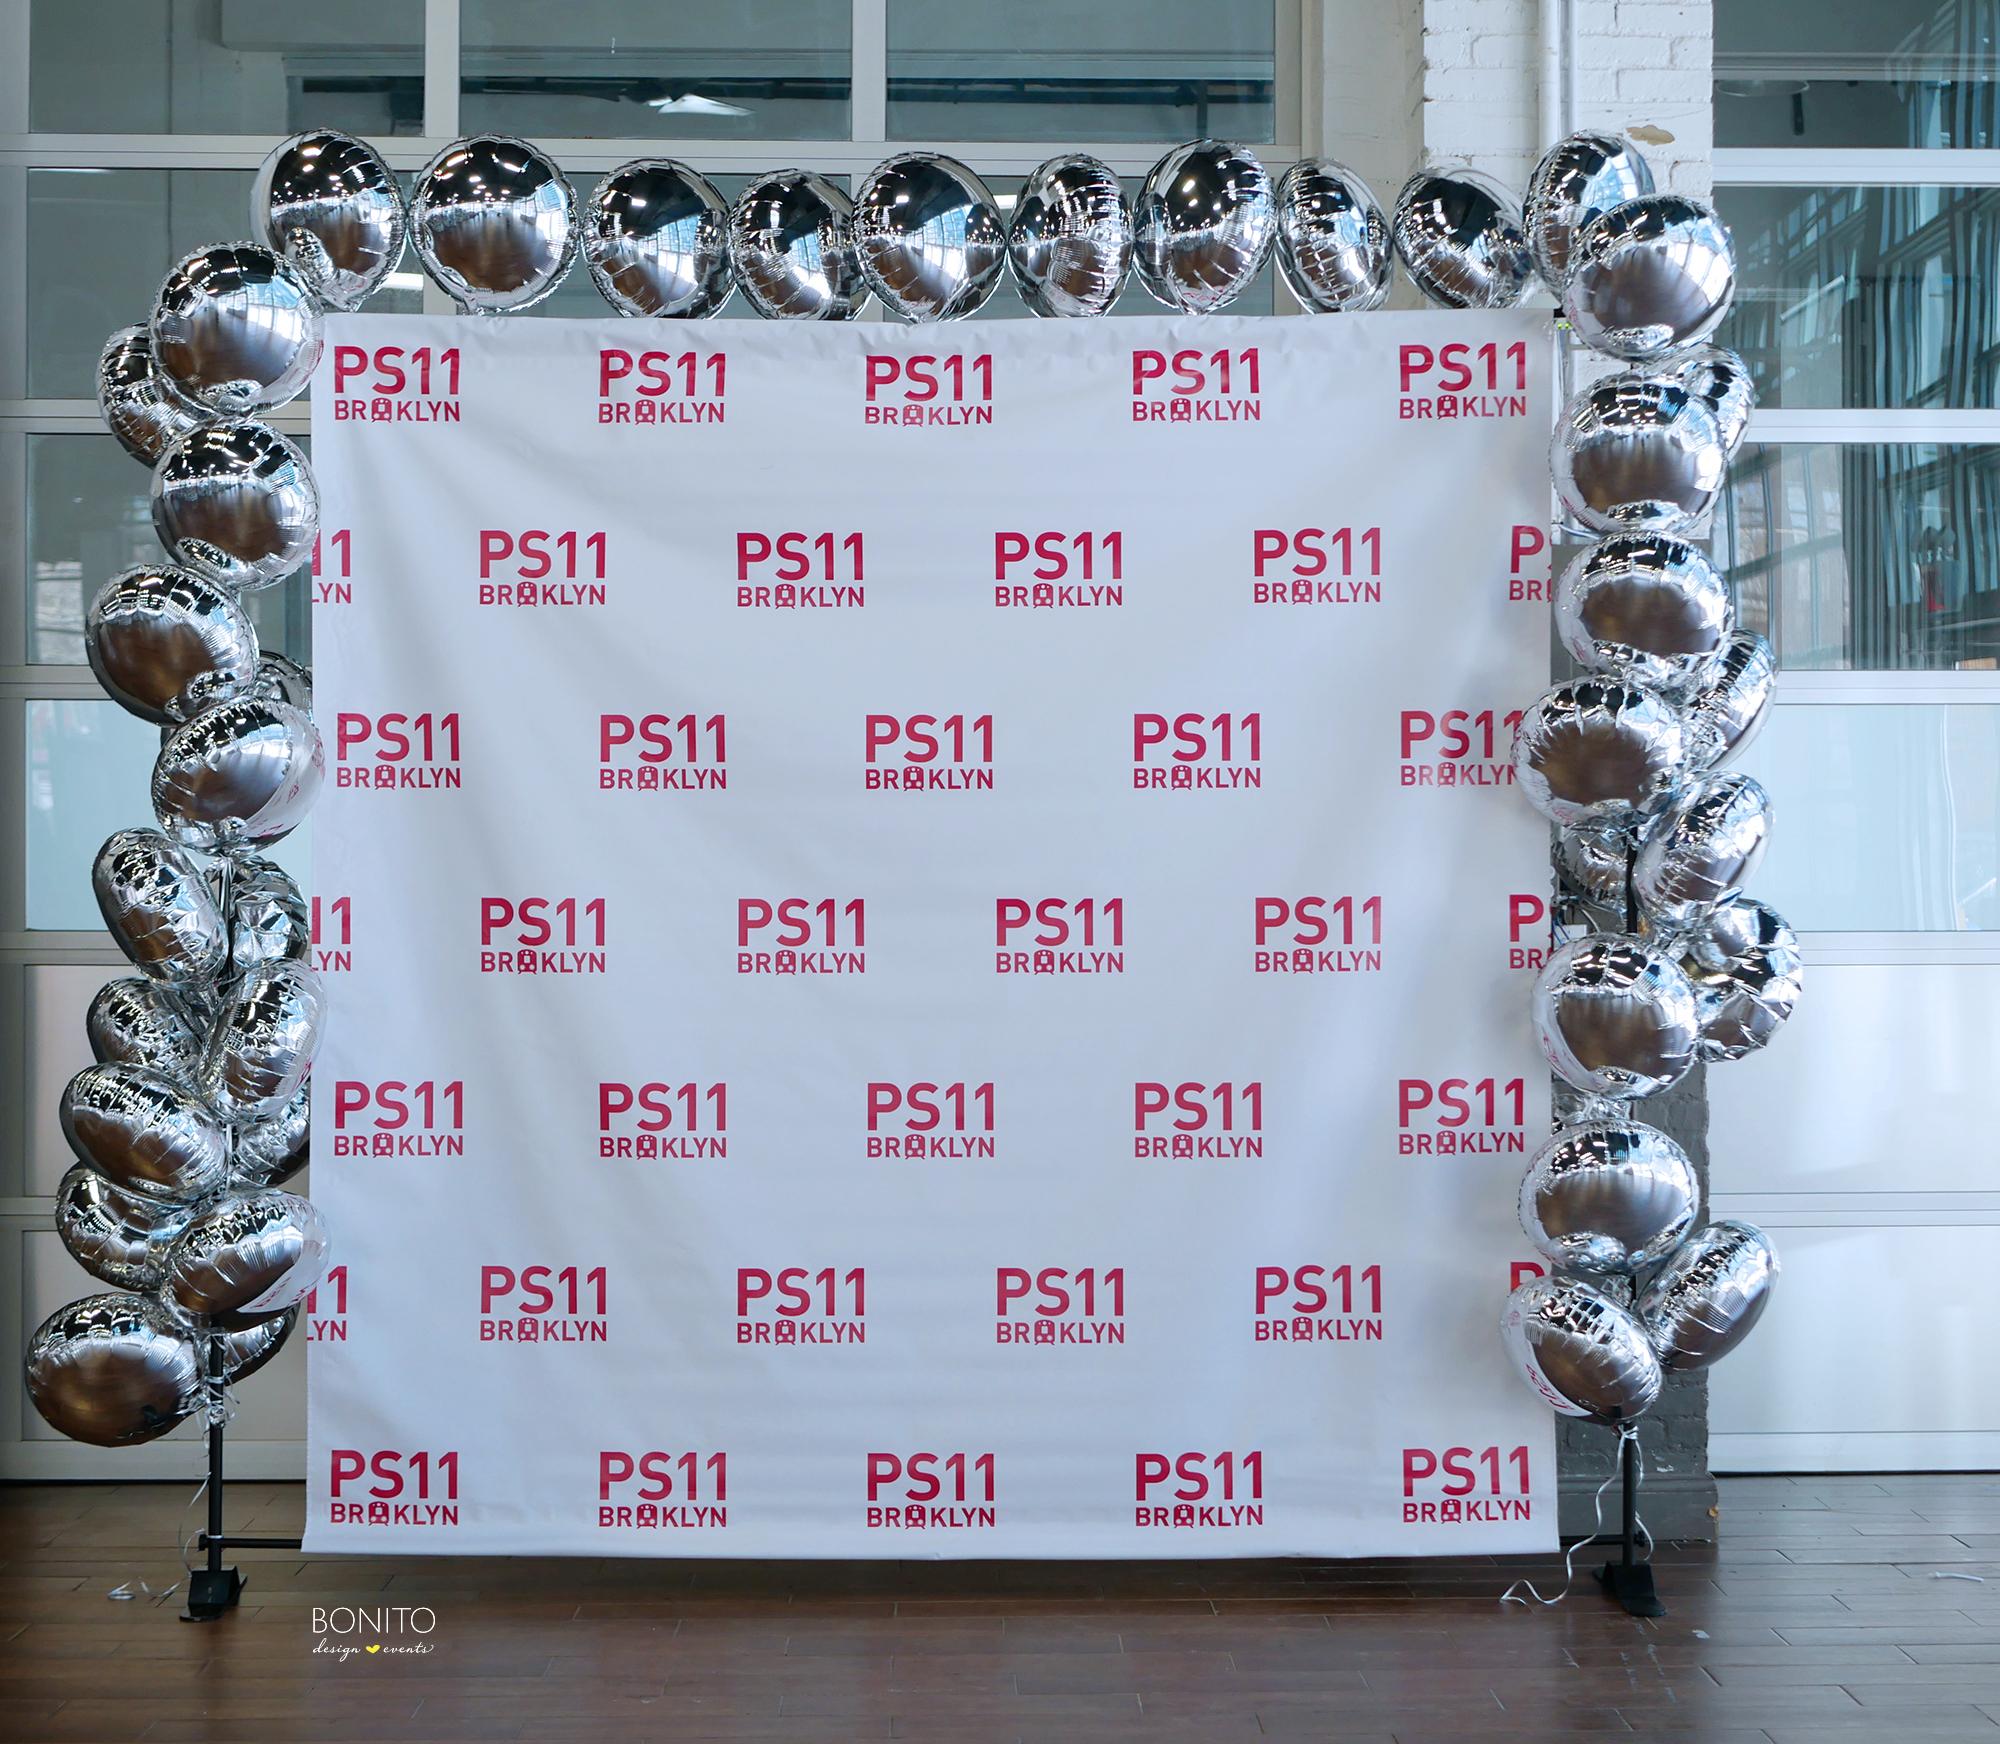 BONITO DESIGN EVENTS PS11 12.jpg